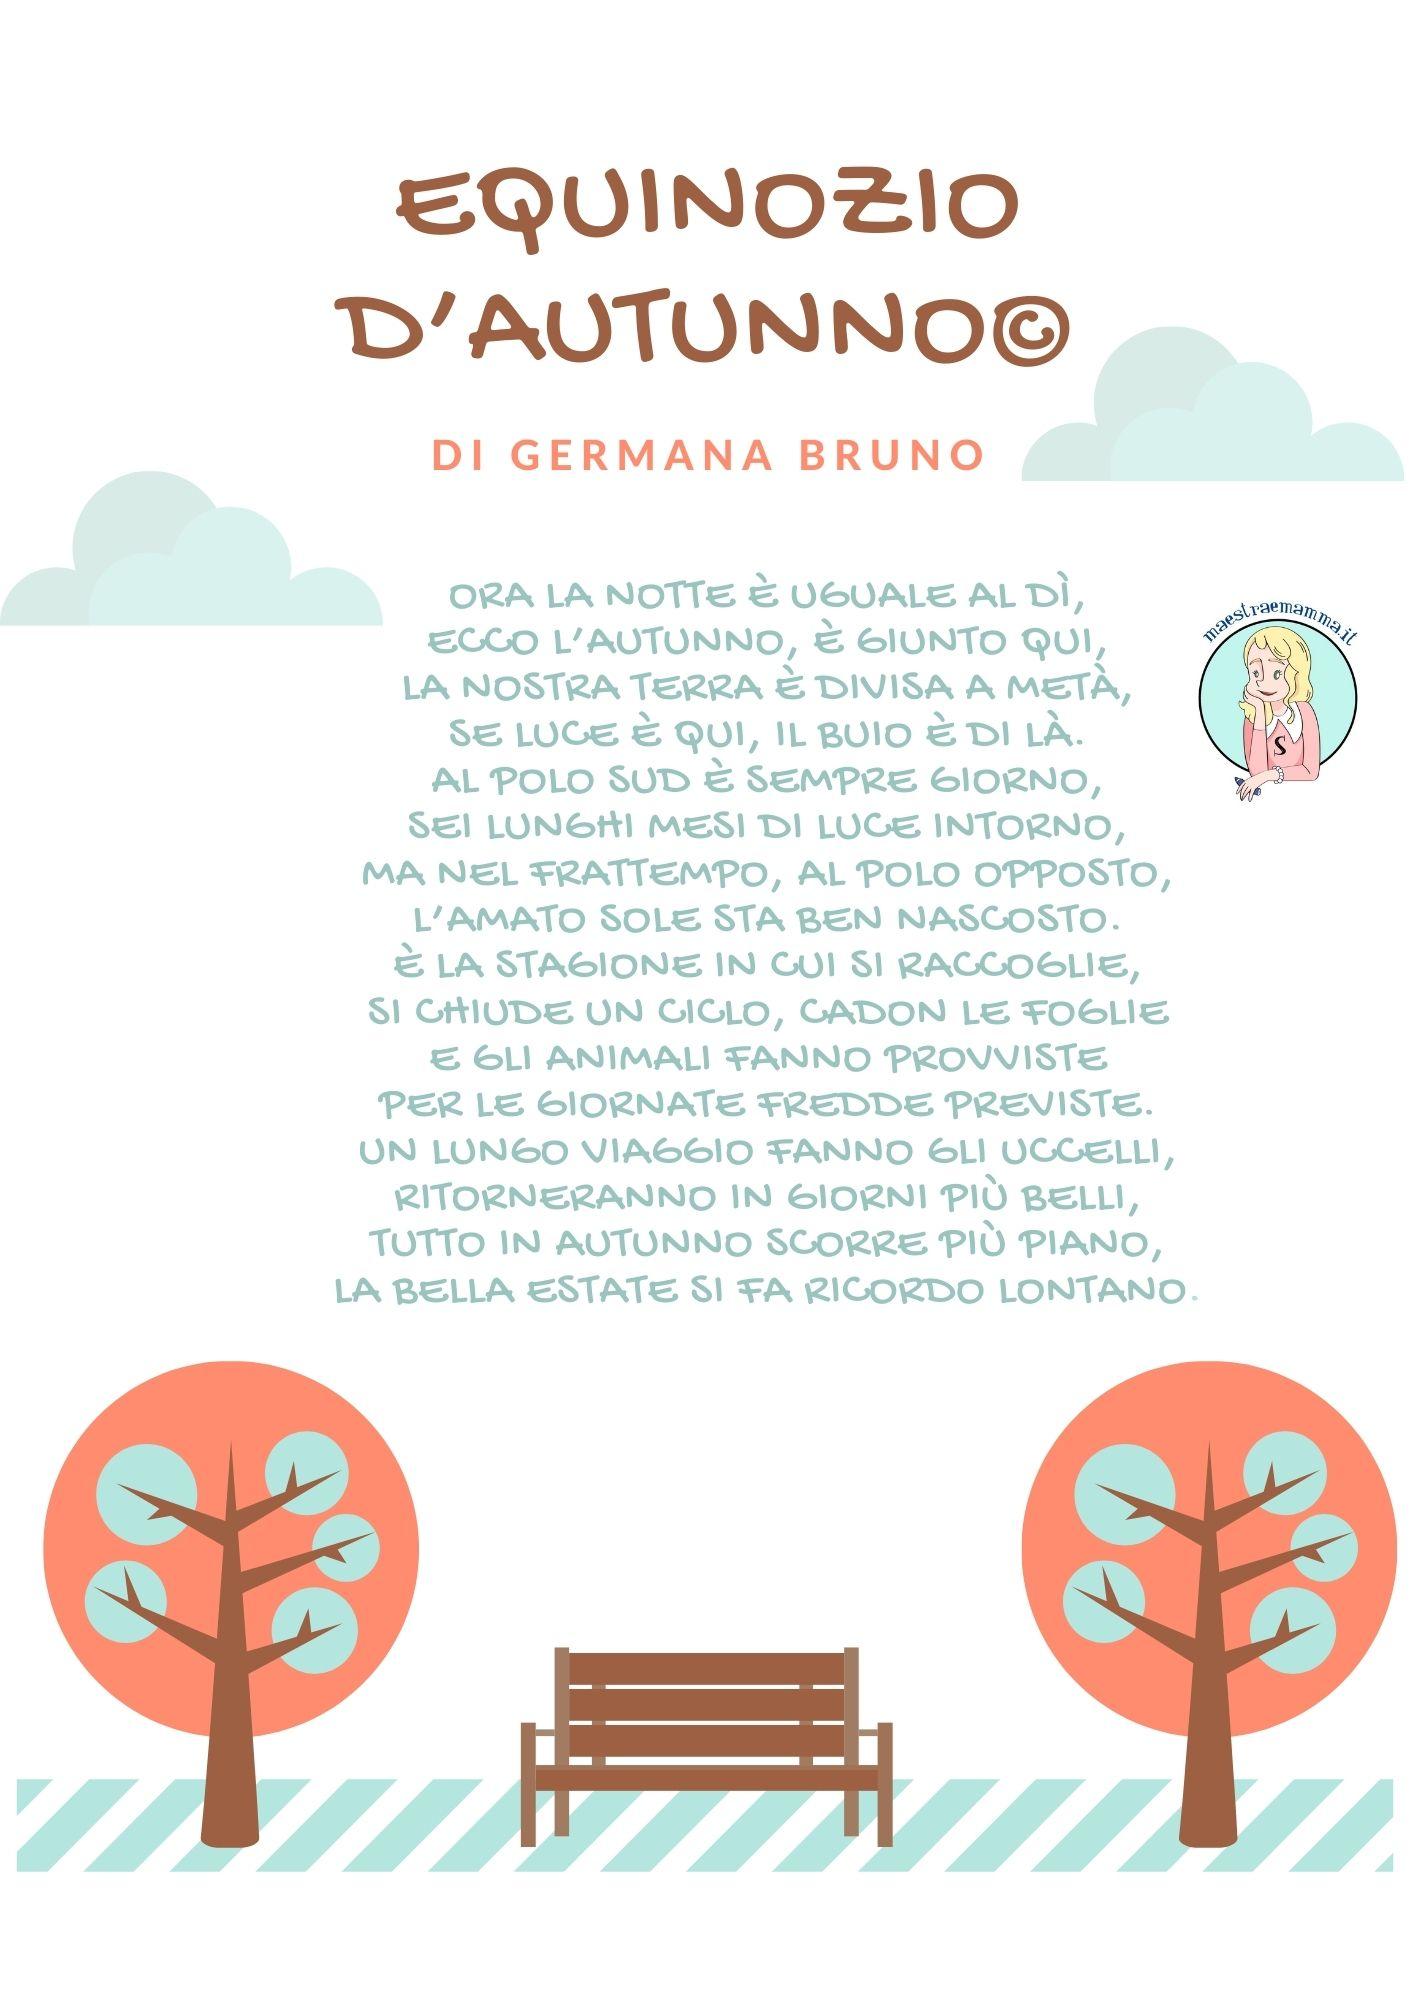 22 settembre 2021 - EQUINOZIO D'AUTUNNO nuova poesia di Germana Bruno